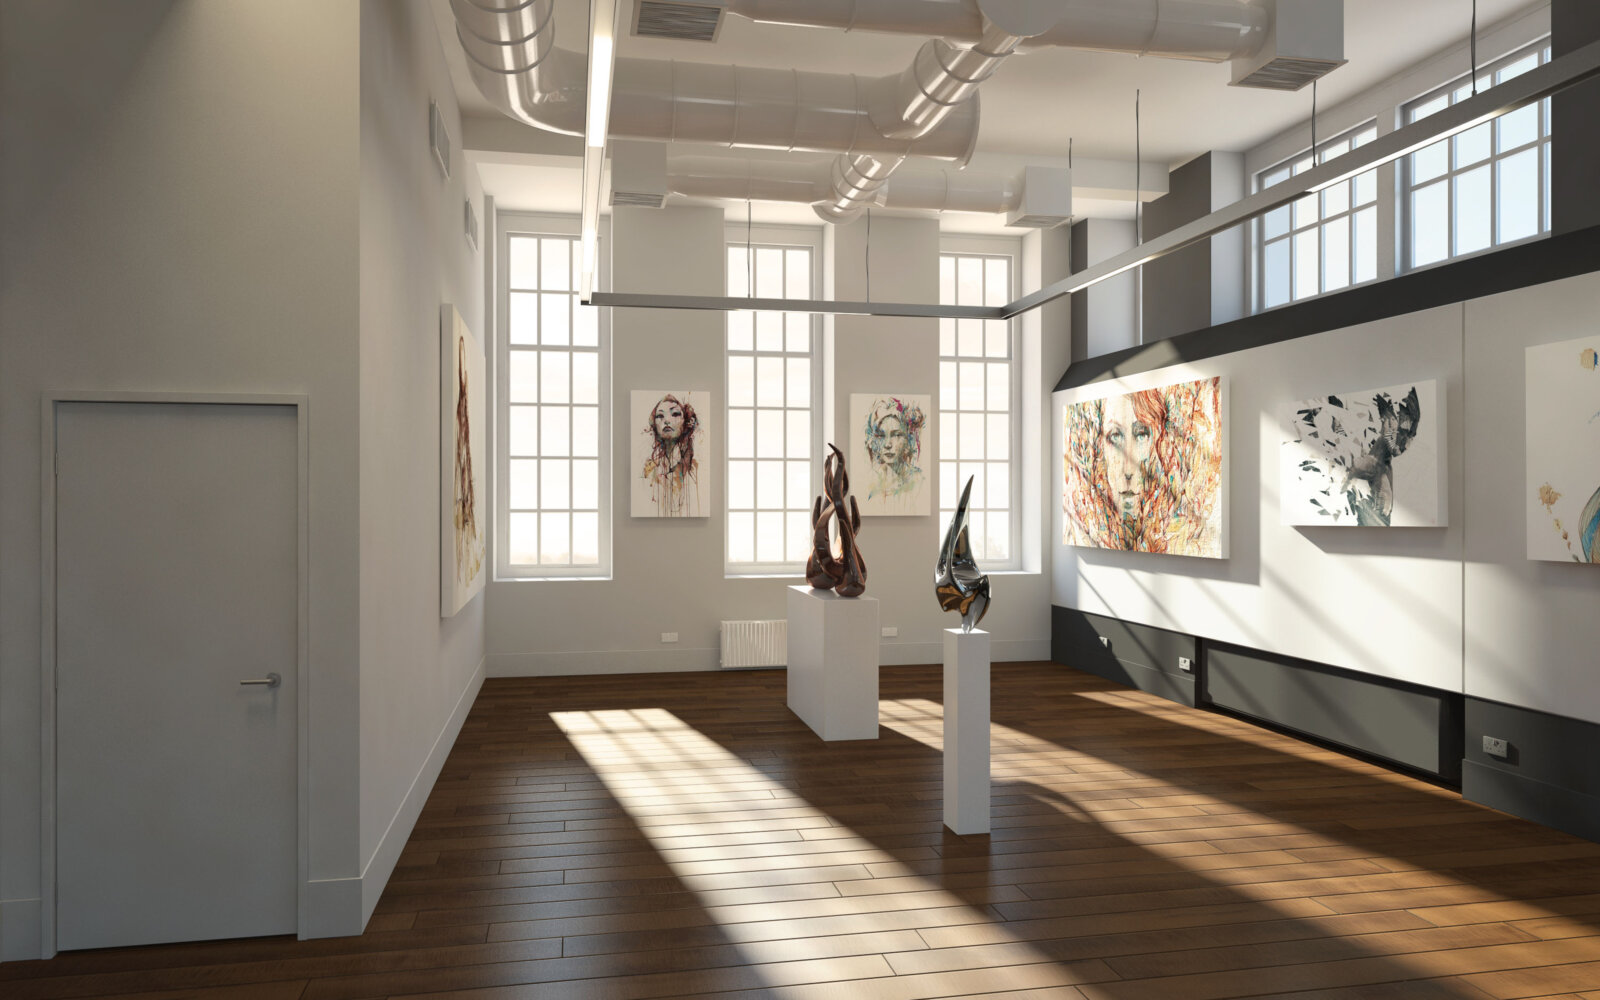 School of Fine Art University of Leeds gallery CGI